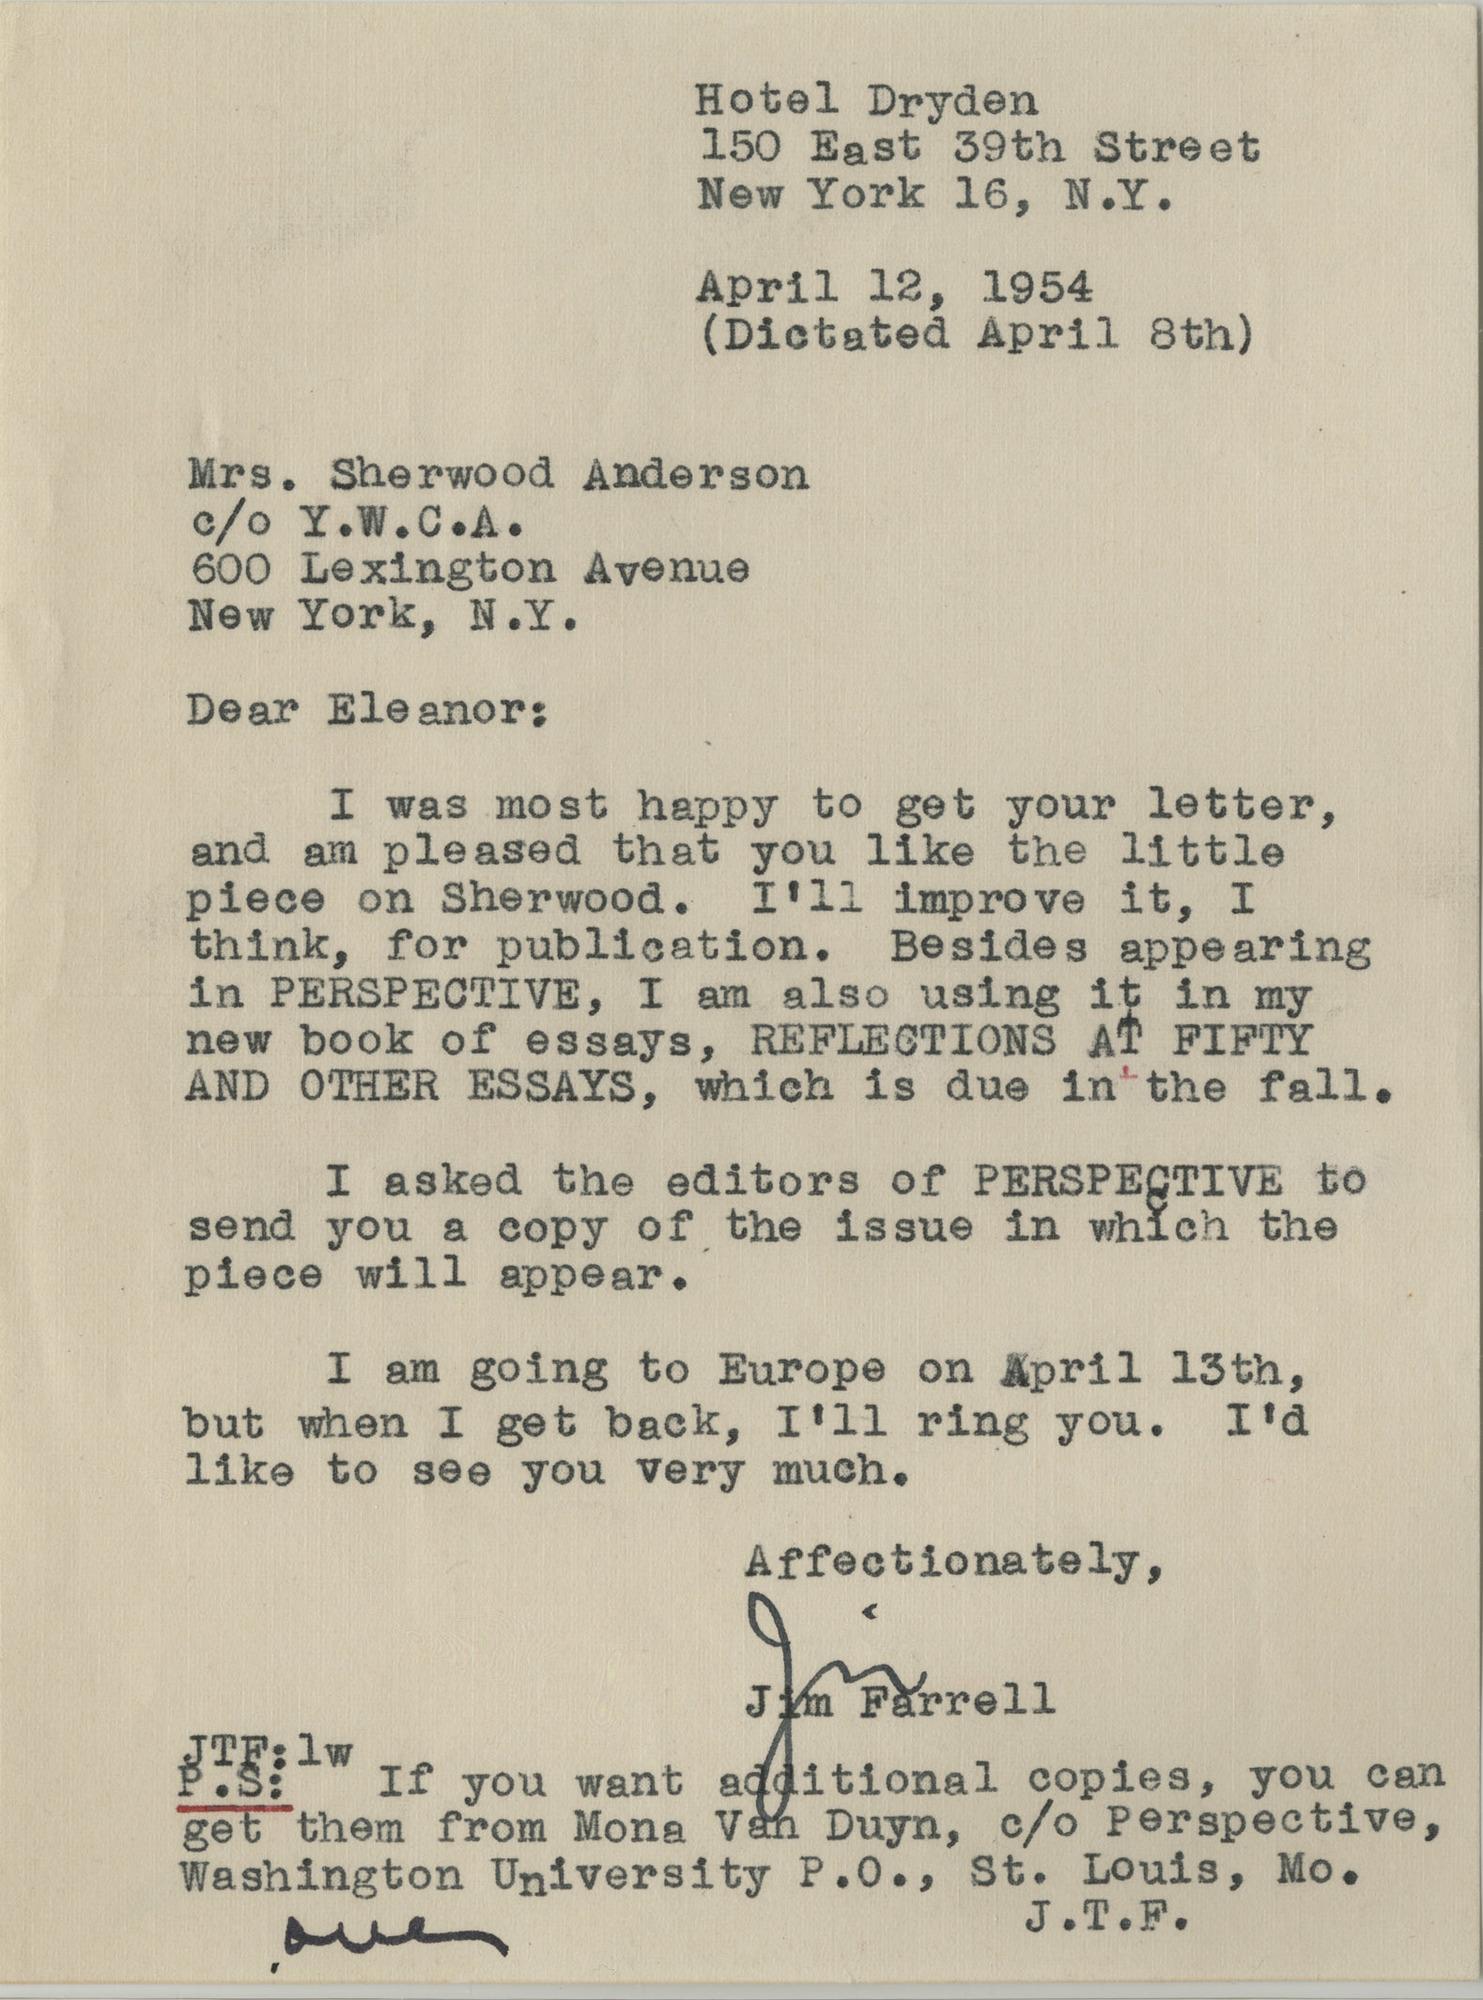 Ms2017_005_FarrelltoAnderson_Letter_1954_0412.jpg